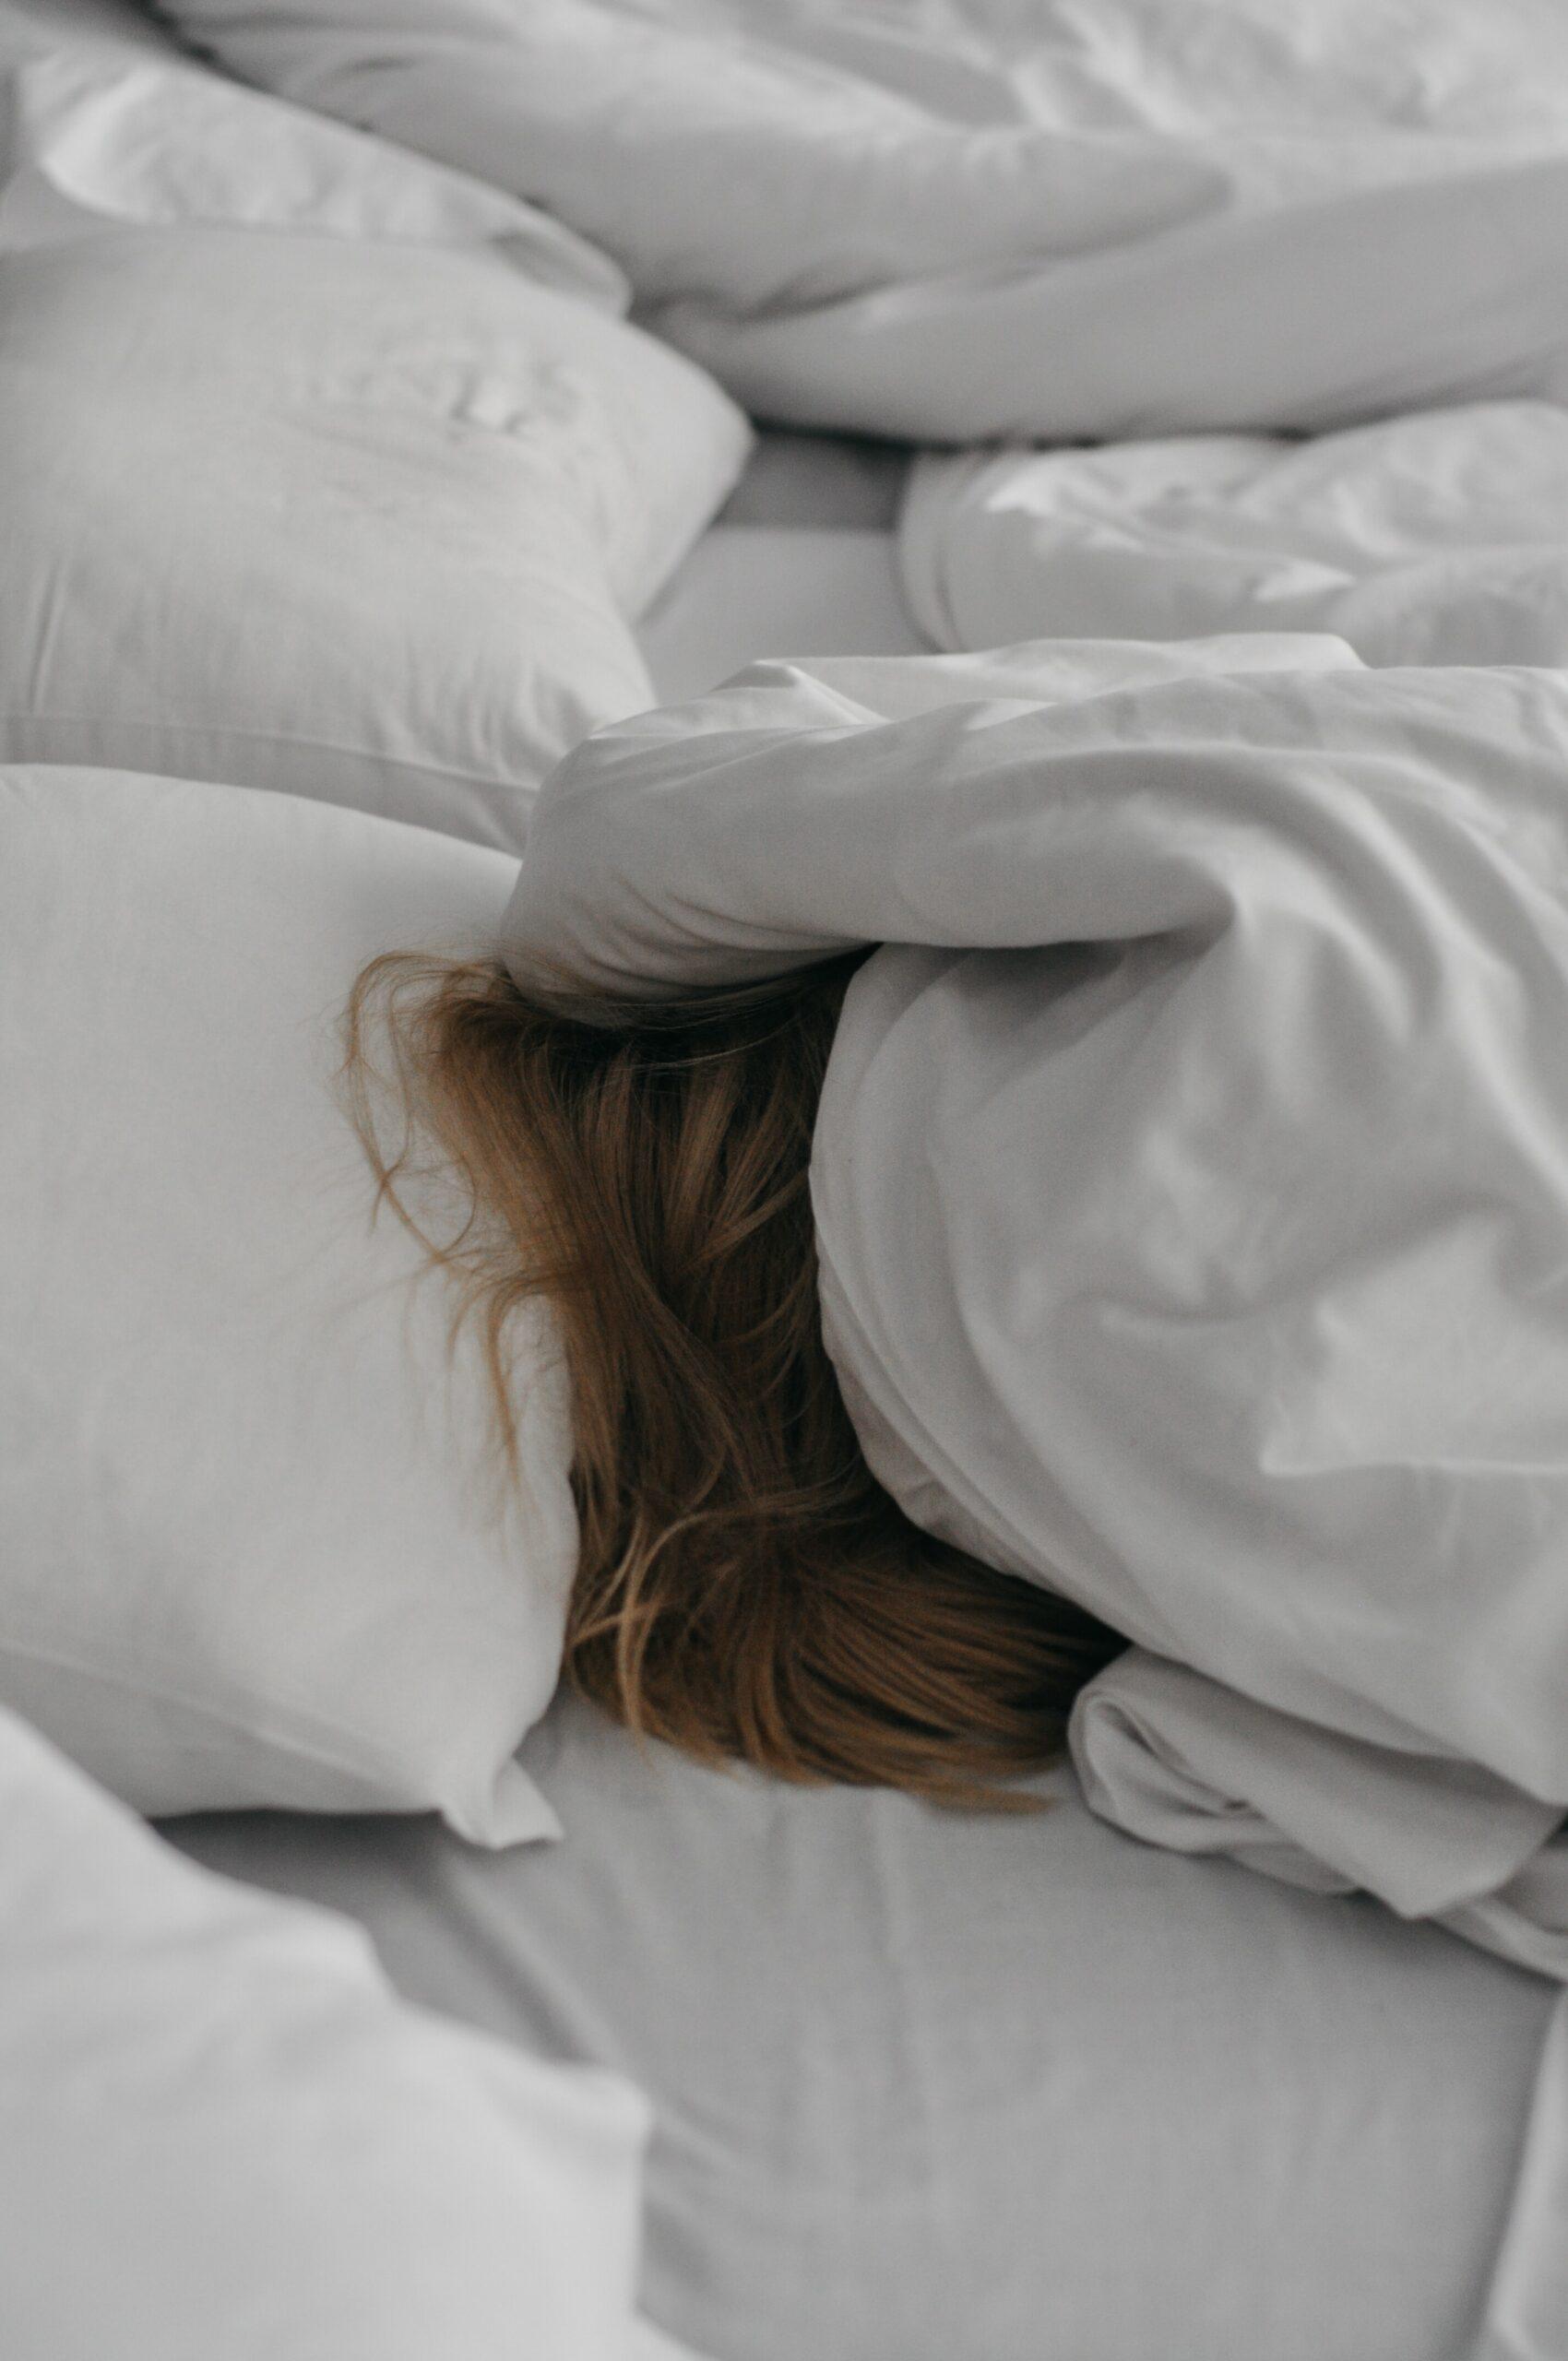 Nemůžete spát kvůli hlučným sousedům?